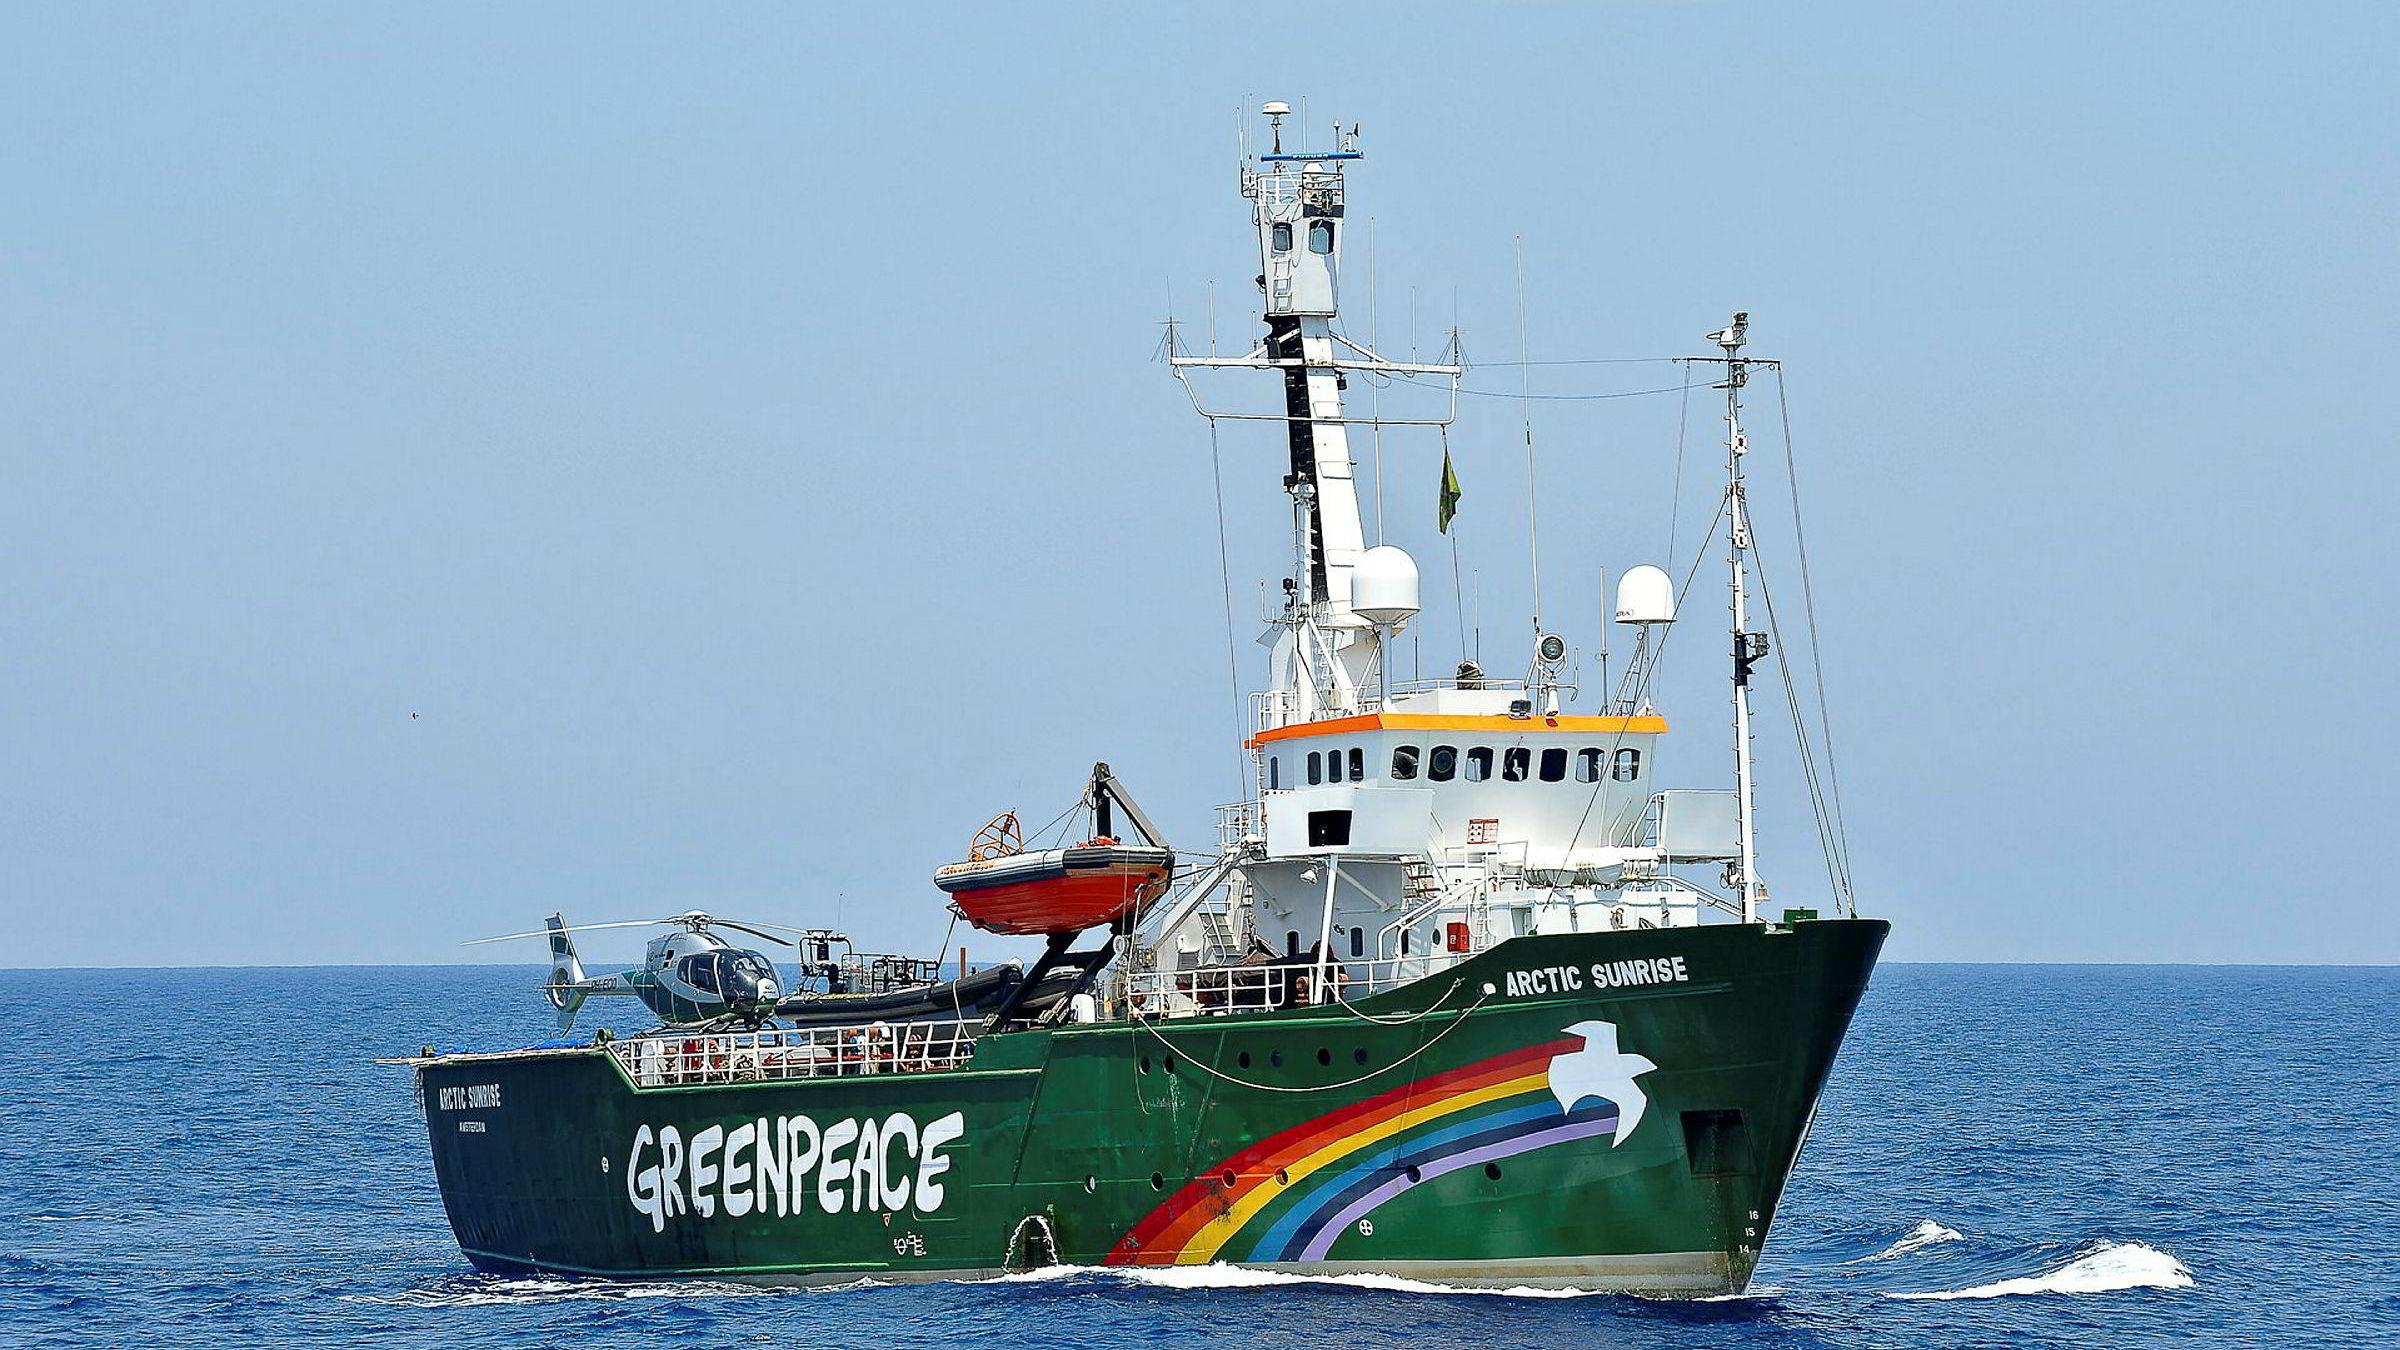 Greenpeace vil vise sin motstand overfor Statoils nordlige oljeplaner og vurderer å sende et av sine internasjonale skip til området Korpfjell der riggen «Songa Enabler» skal bore.